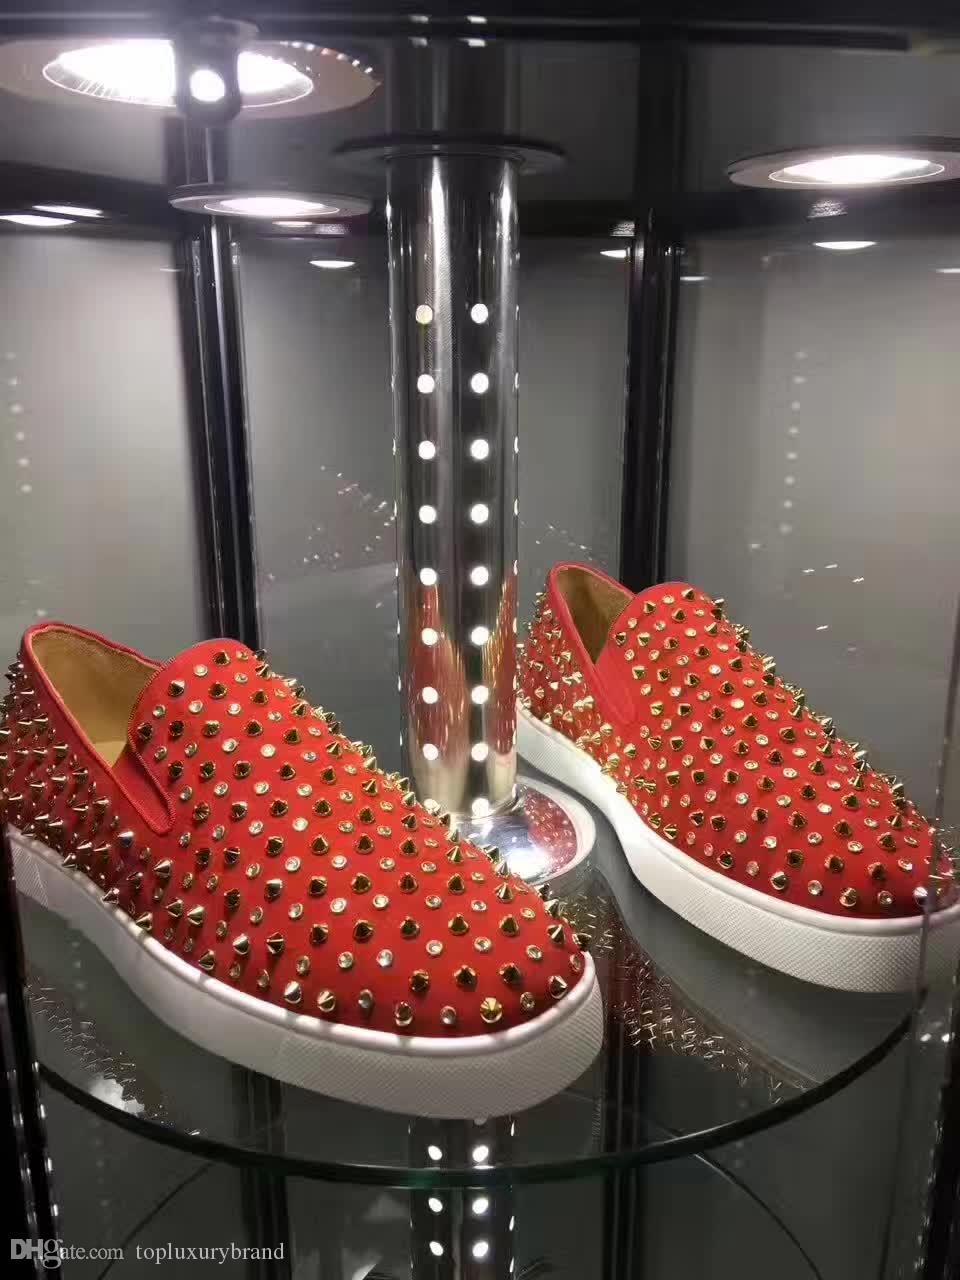 Atacado Red preguiçosos Inferior Sapatos Homens, Mulheres rolo Boat cravado Baixa sapatilha de couro genuíno slip-on Full Flat enchidas Rebites Trainers Casual